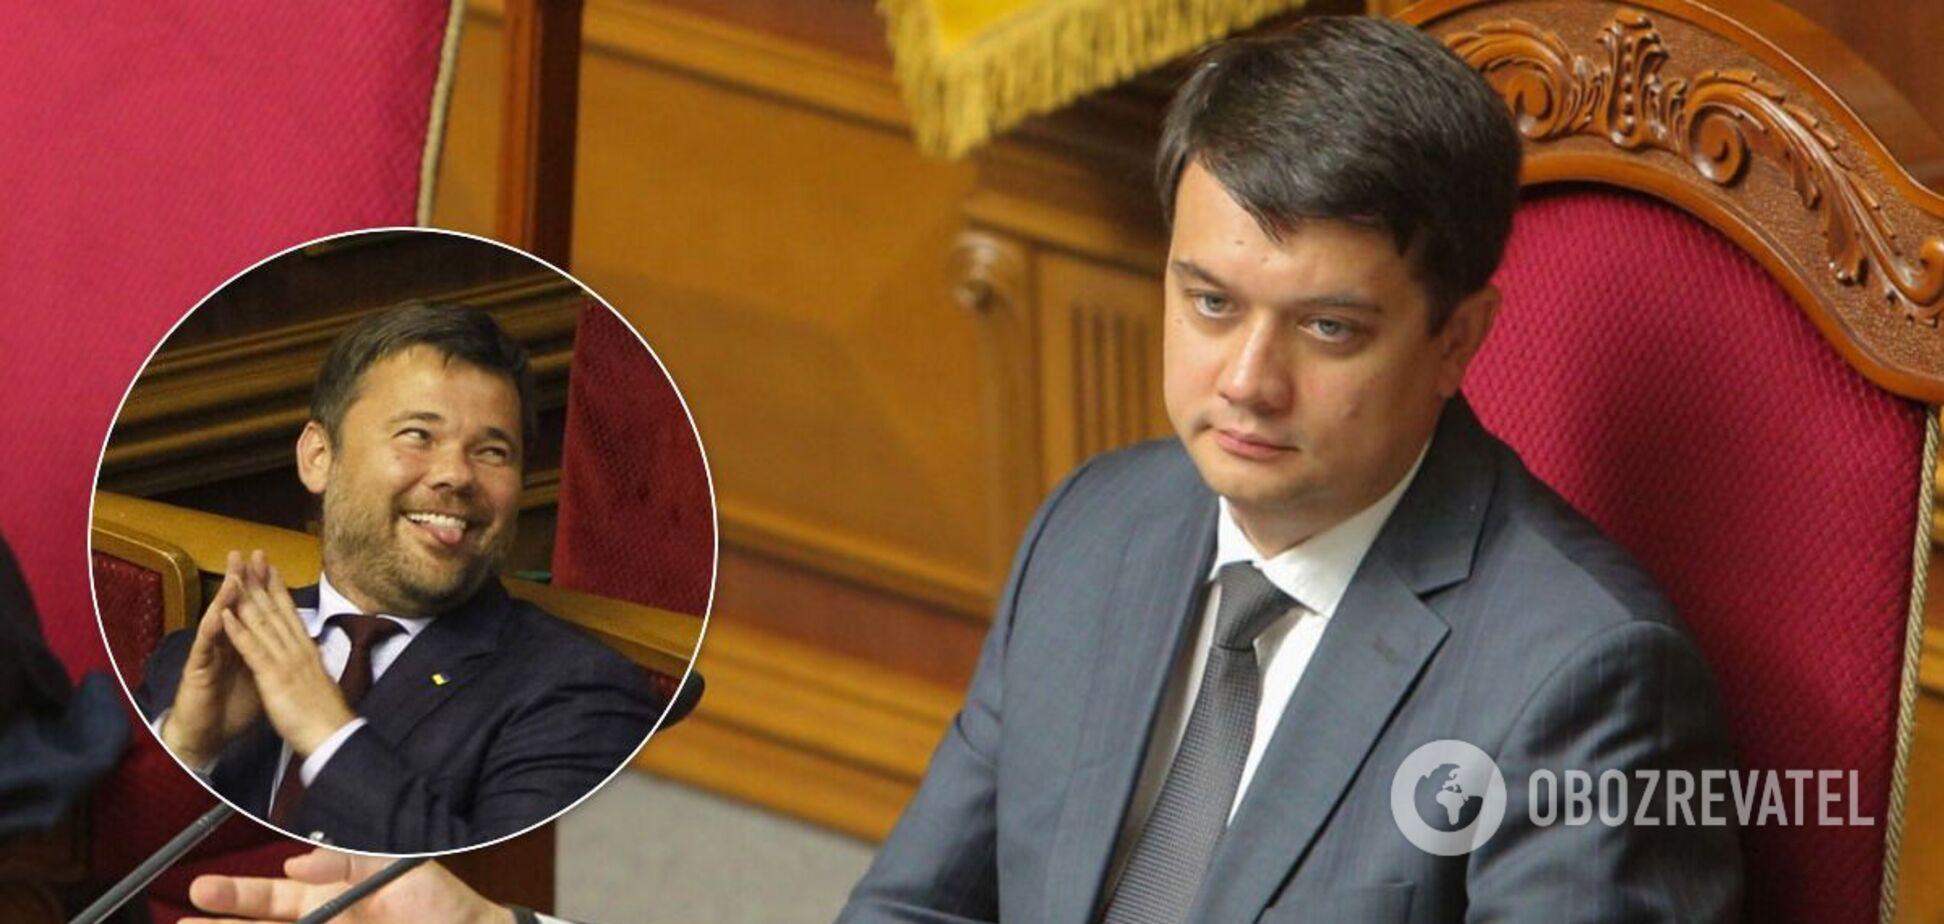 Богдан пожартував над Разумковим